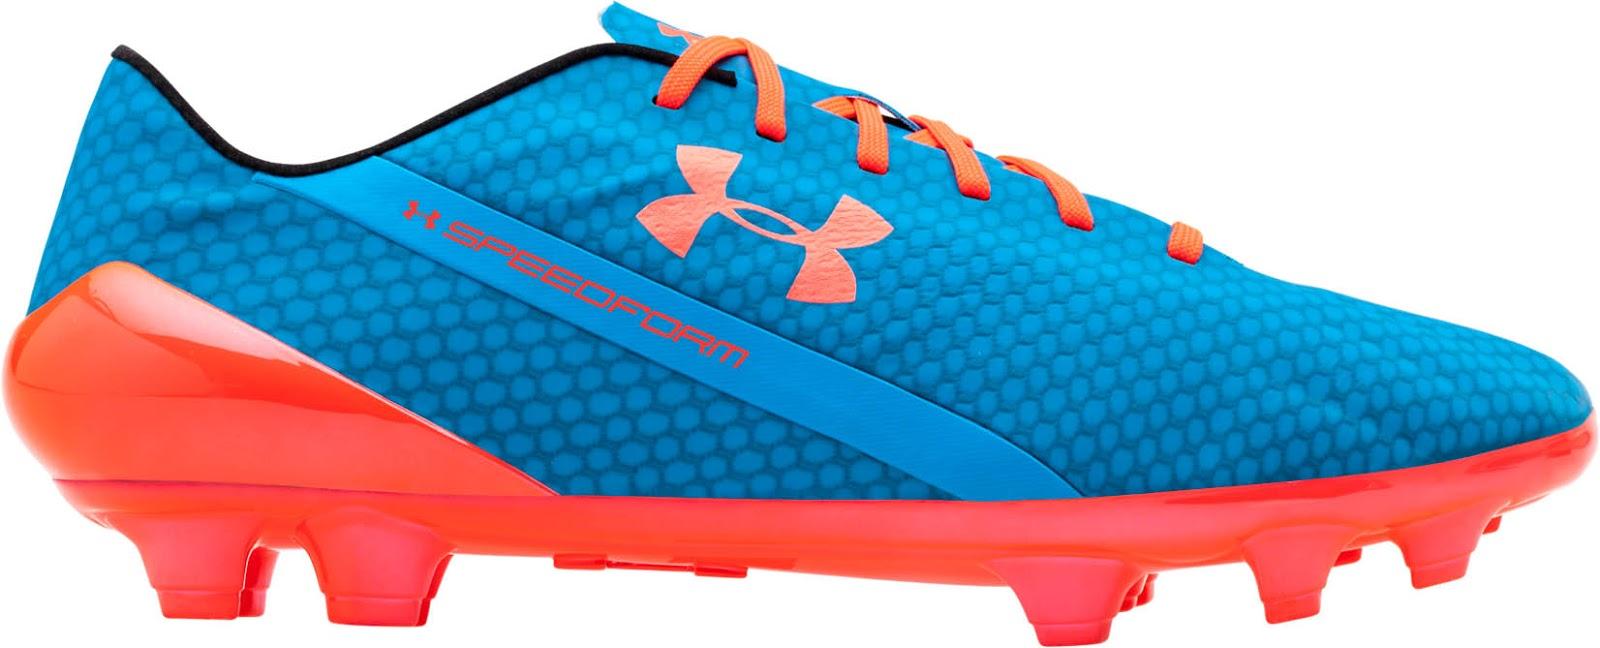 Wholesale Memphis Depay To Debut Blue Under Armour Speedform Boots